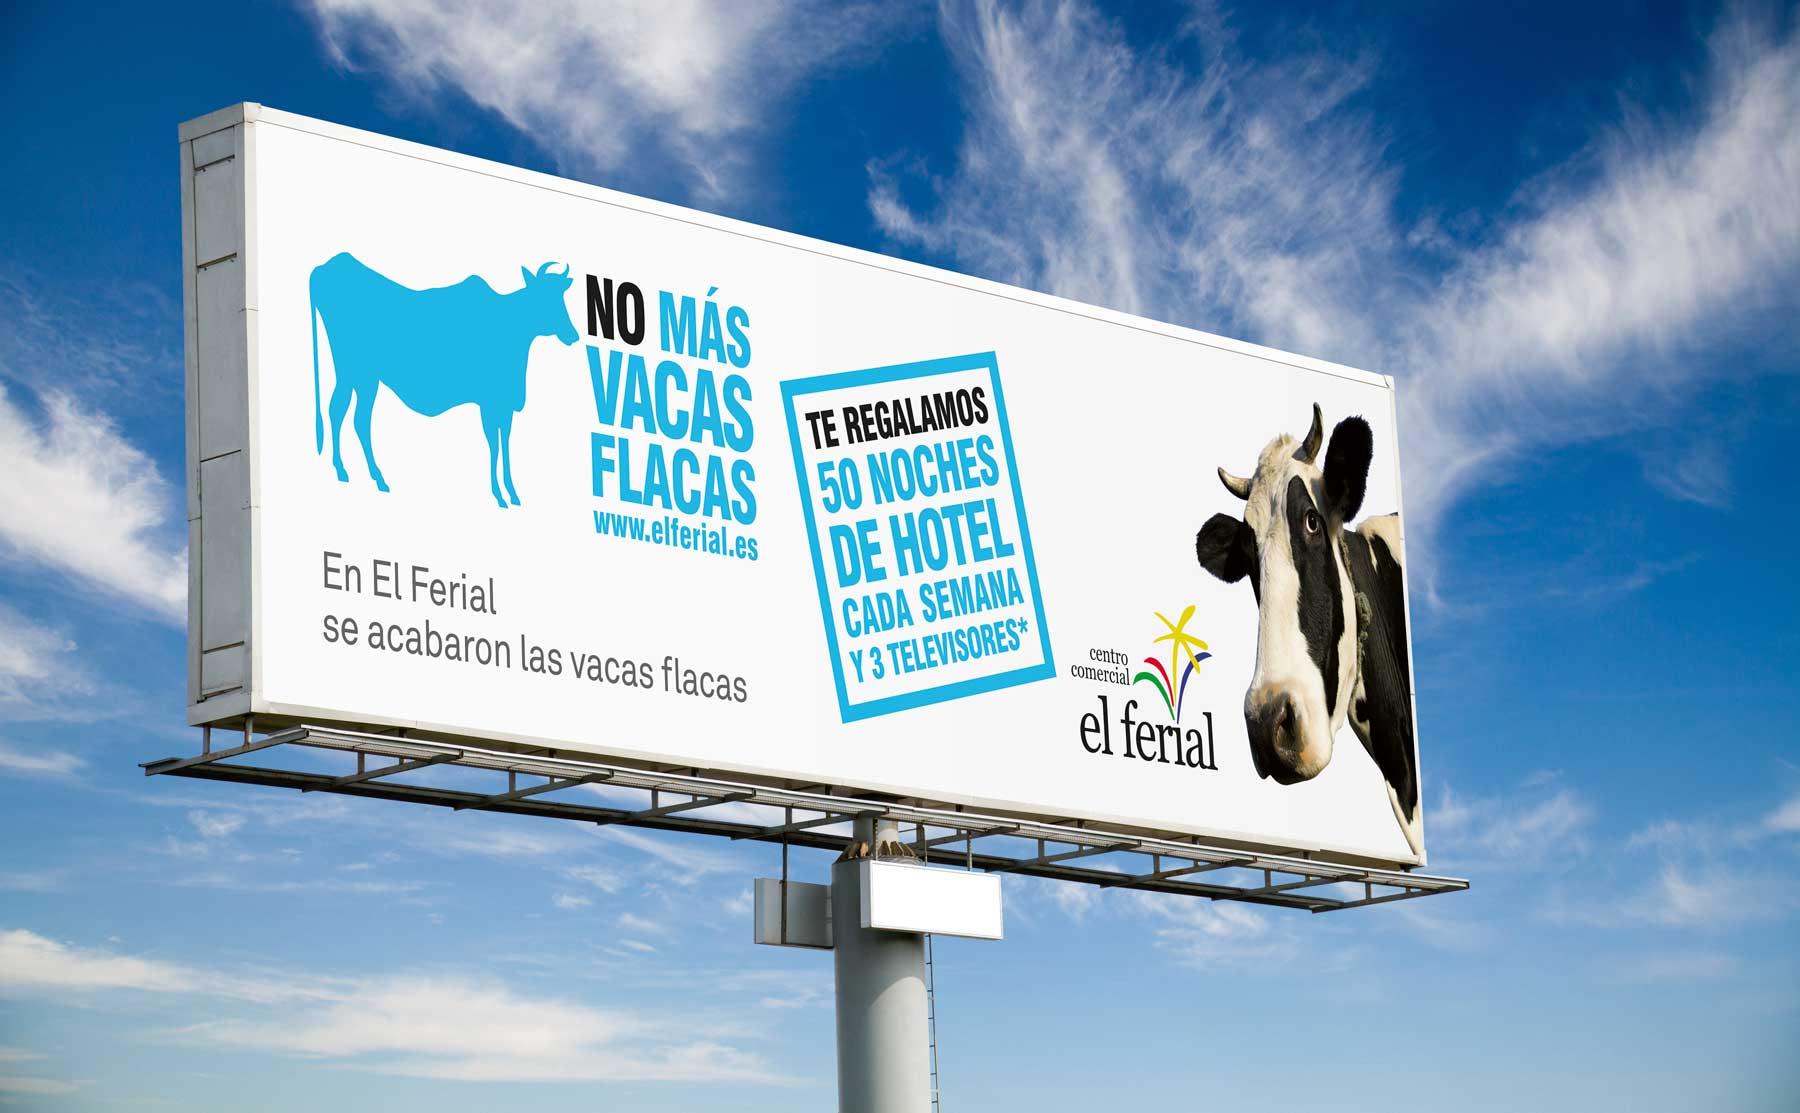 el_ferial_no_mas_vacas_flacas_valla2